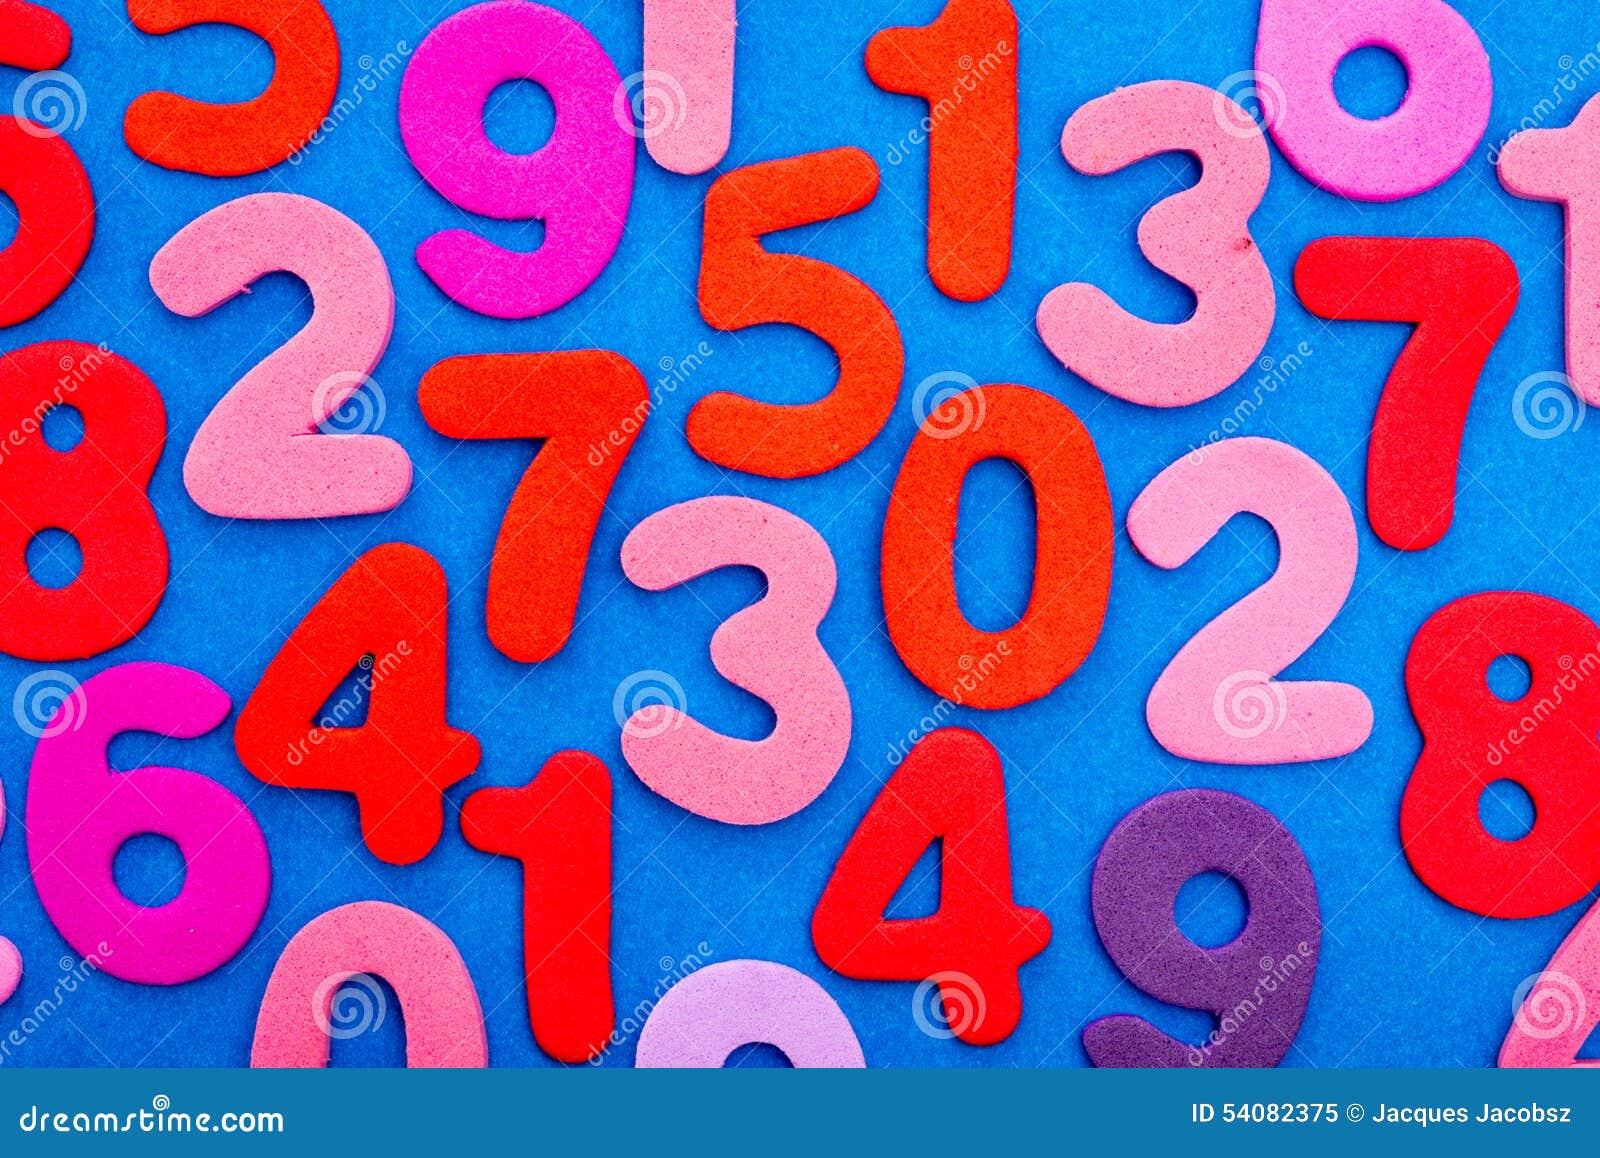 Verscheidenheid van Aantallen in rood en roze op blauw